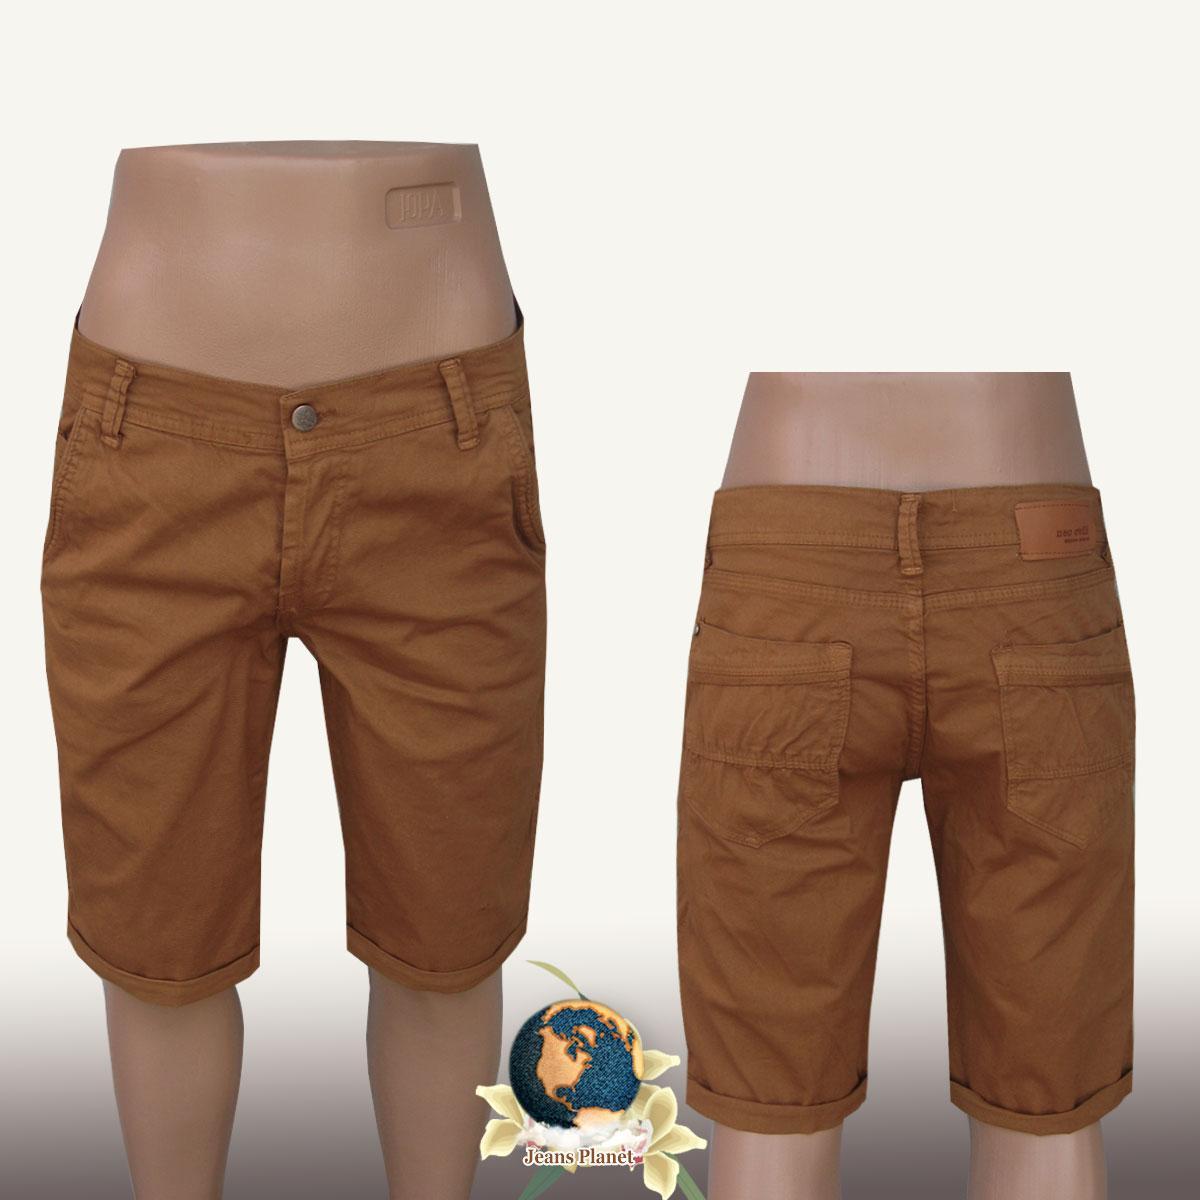 Шорты мужские стрейчевые Neo однотонного светло-коричневого цвета 36 размера